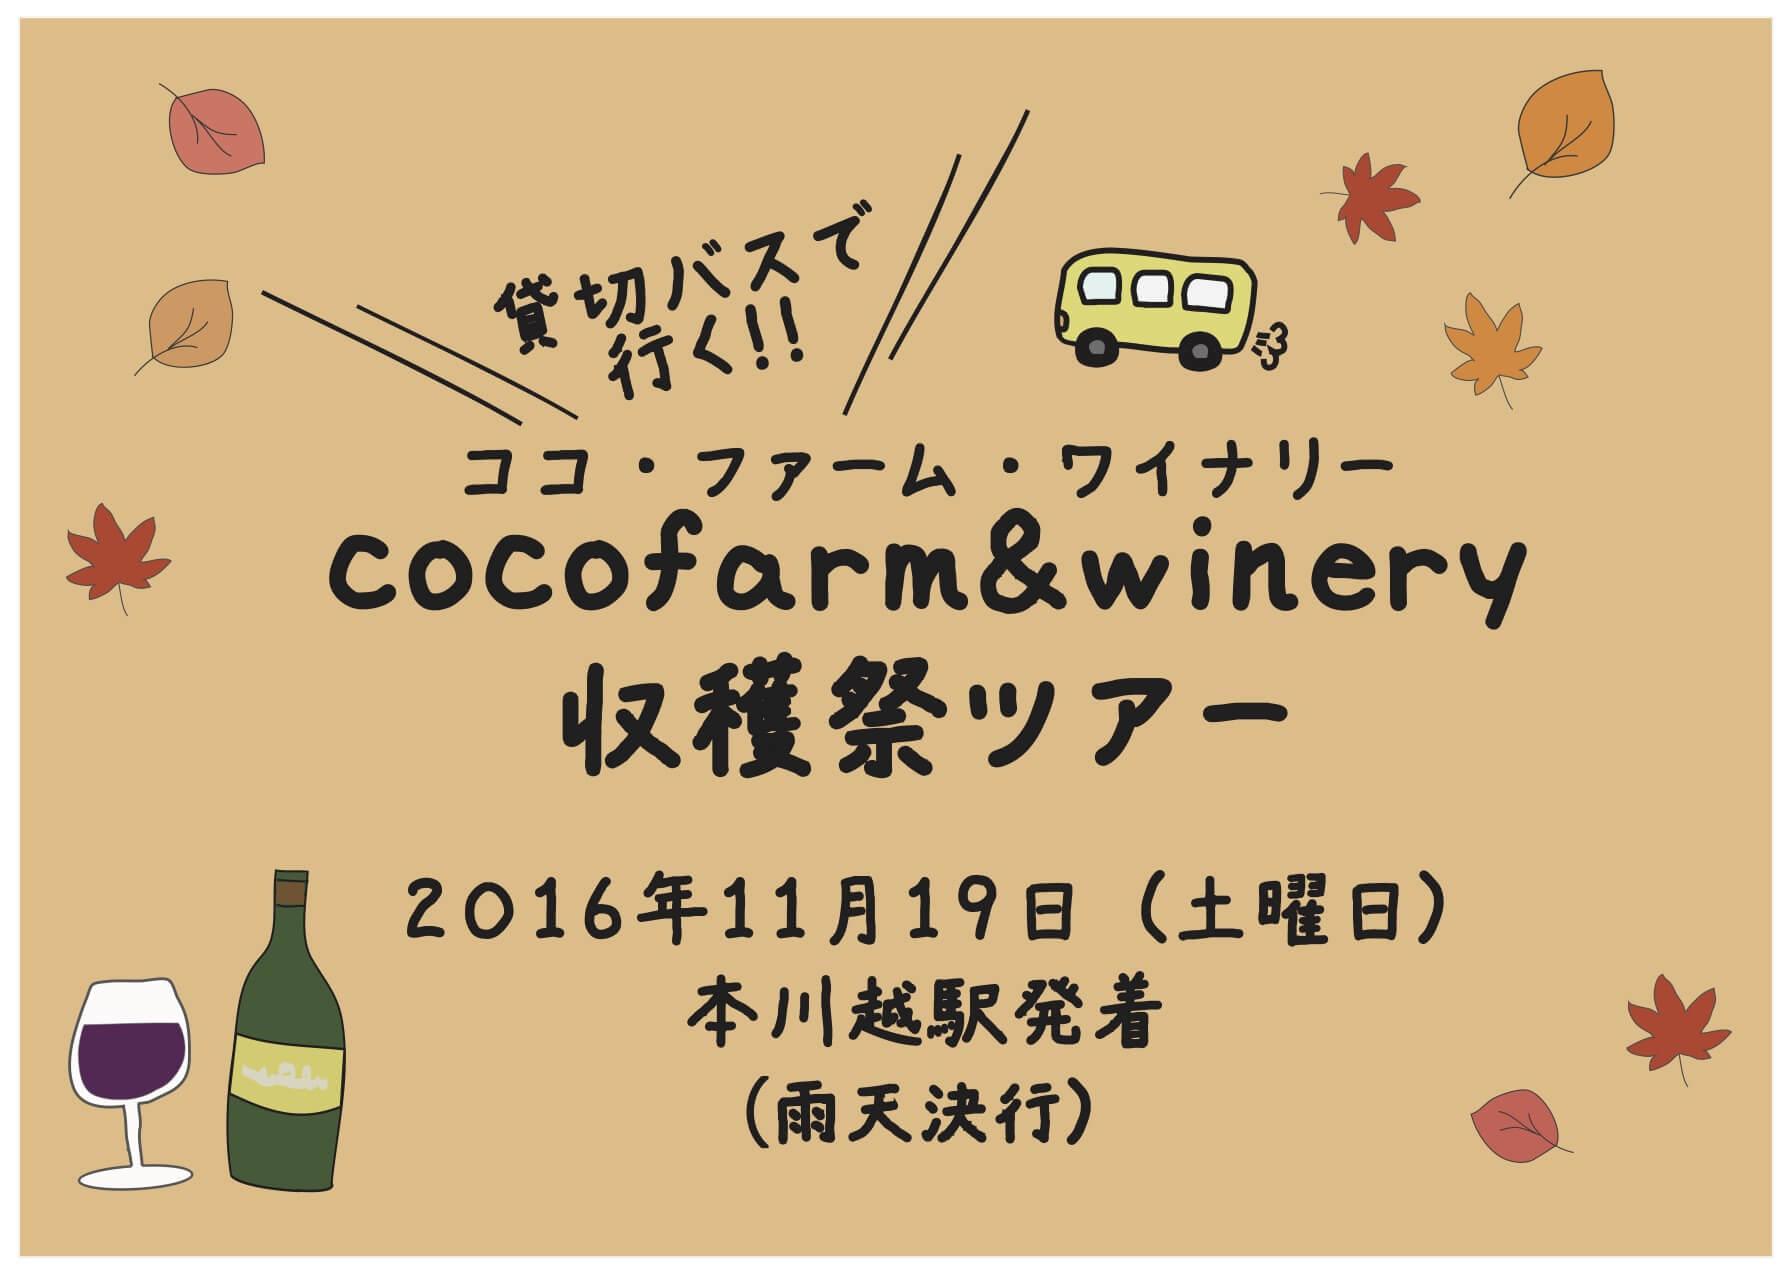 ココ・ファーム・ワイナリーの収穫祭へ行こう♪♪♪  【2016/11/19 本川越駅出発】